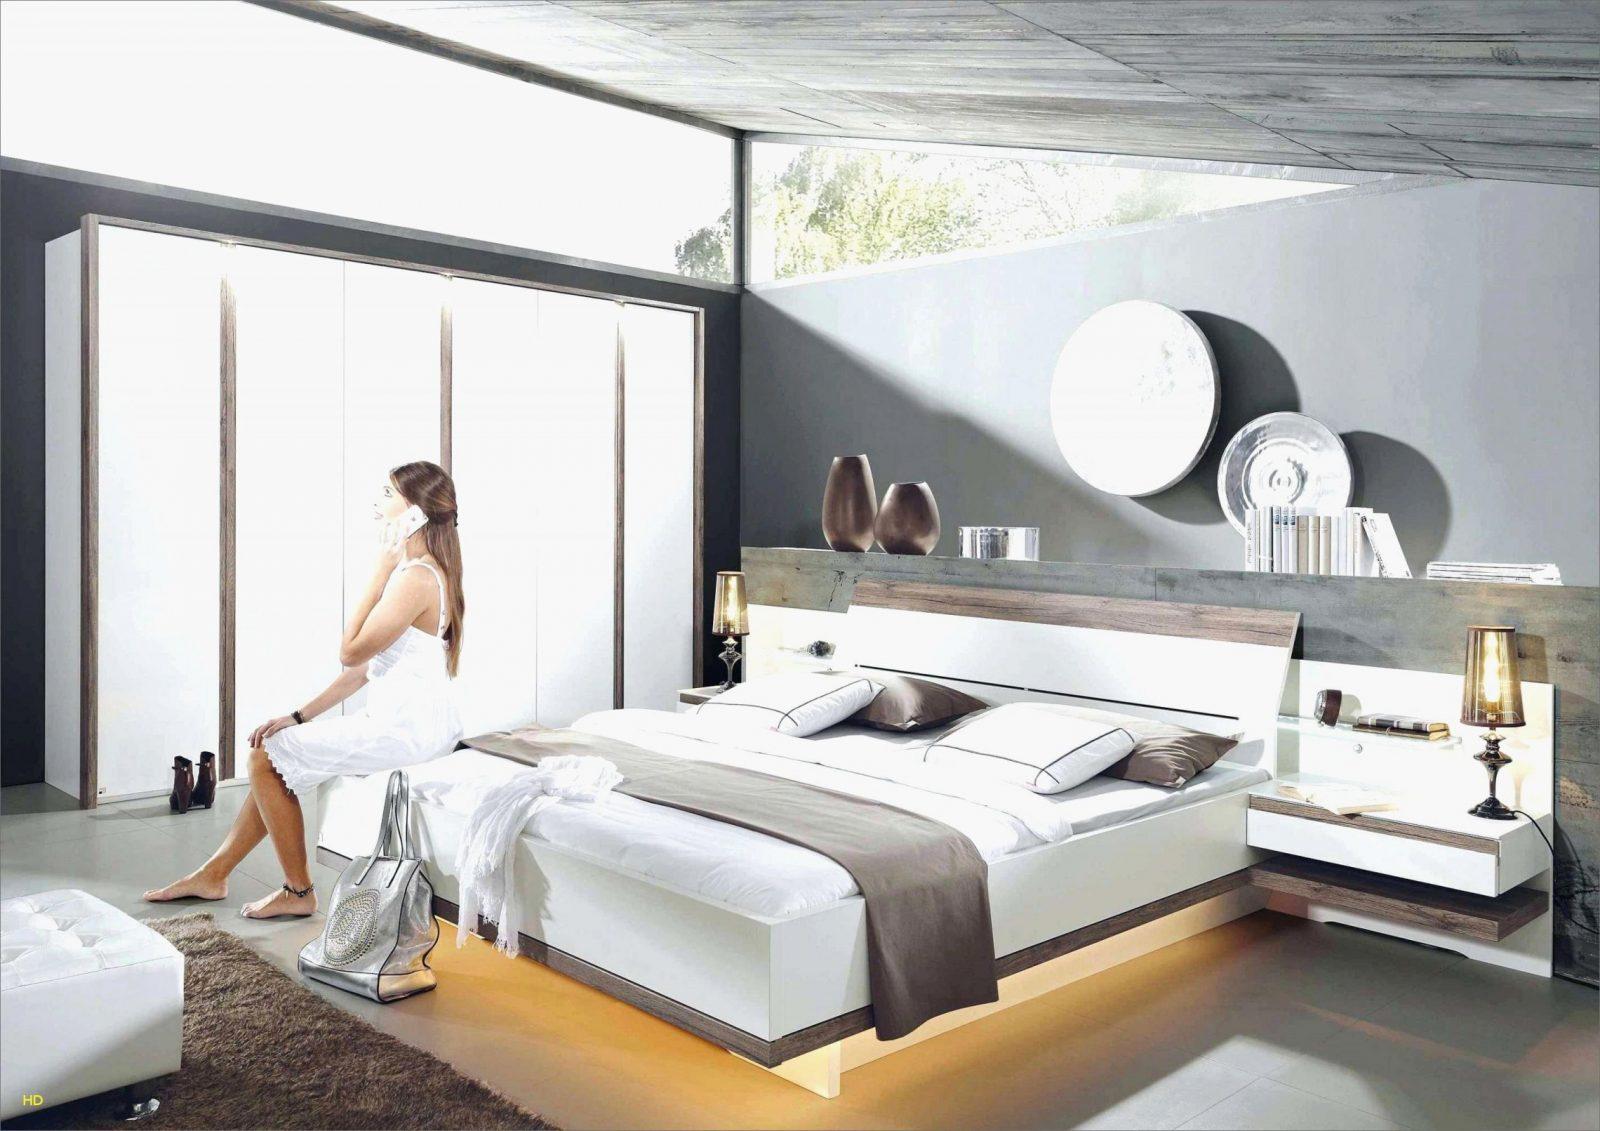 Bett Selber Machen Beschreibung 15 Beautiful Kopfteil Bett Selber von Rückwand Bett Selber Bauen Bild